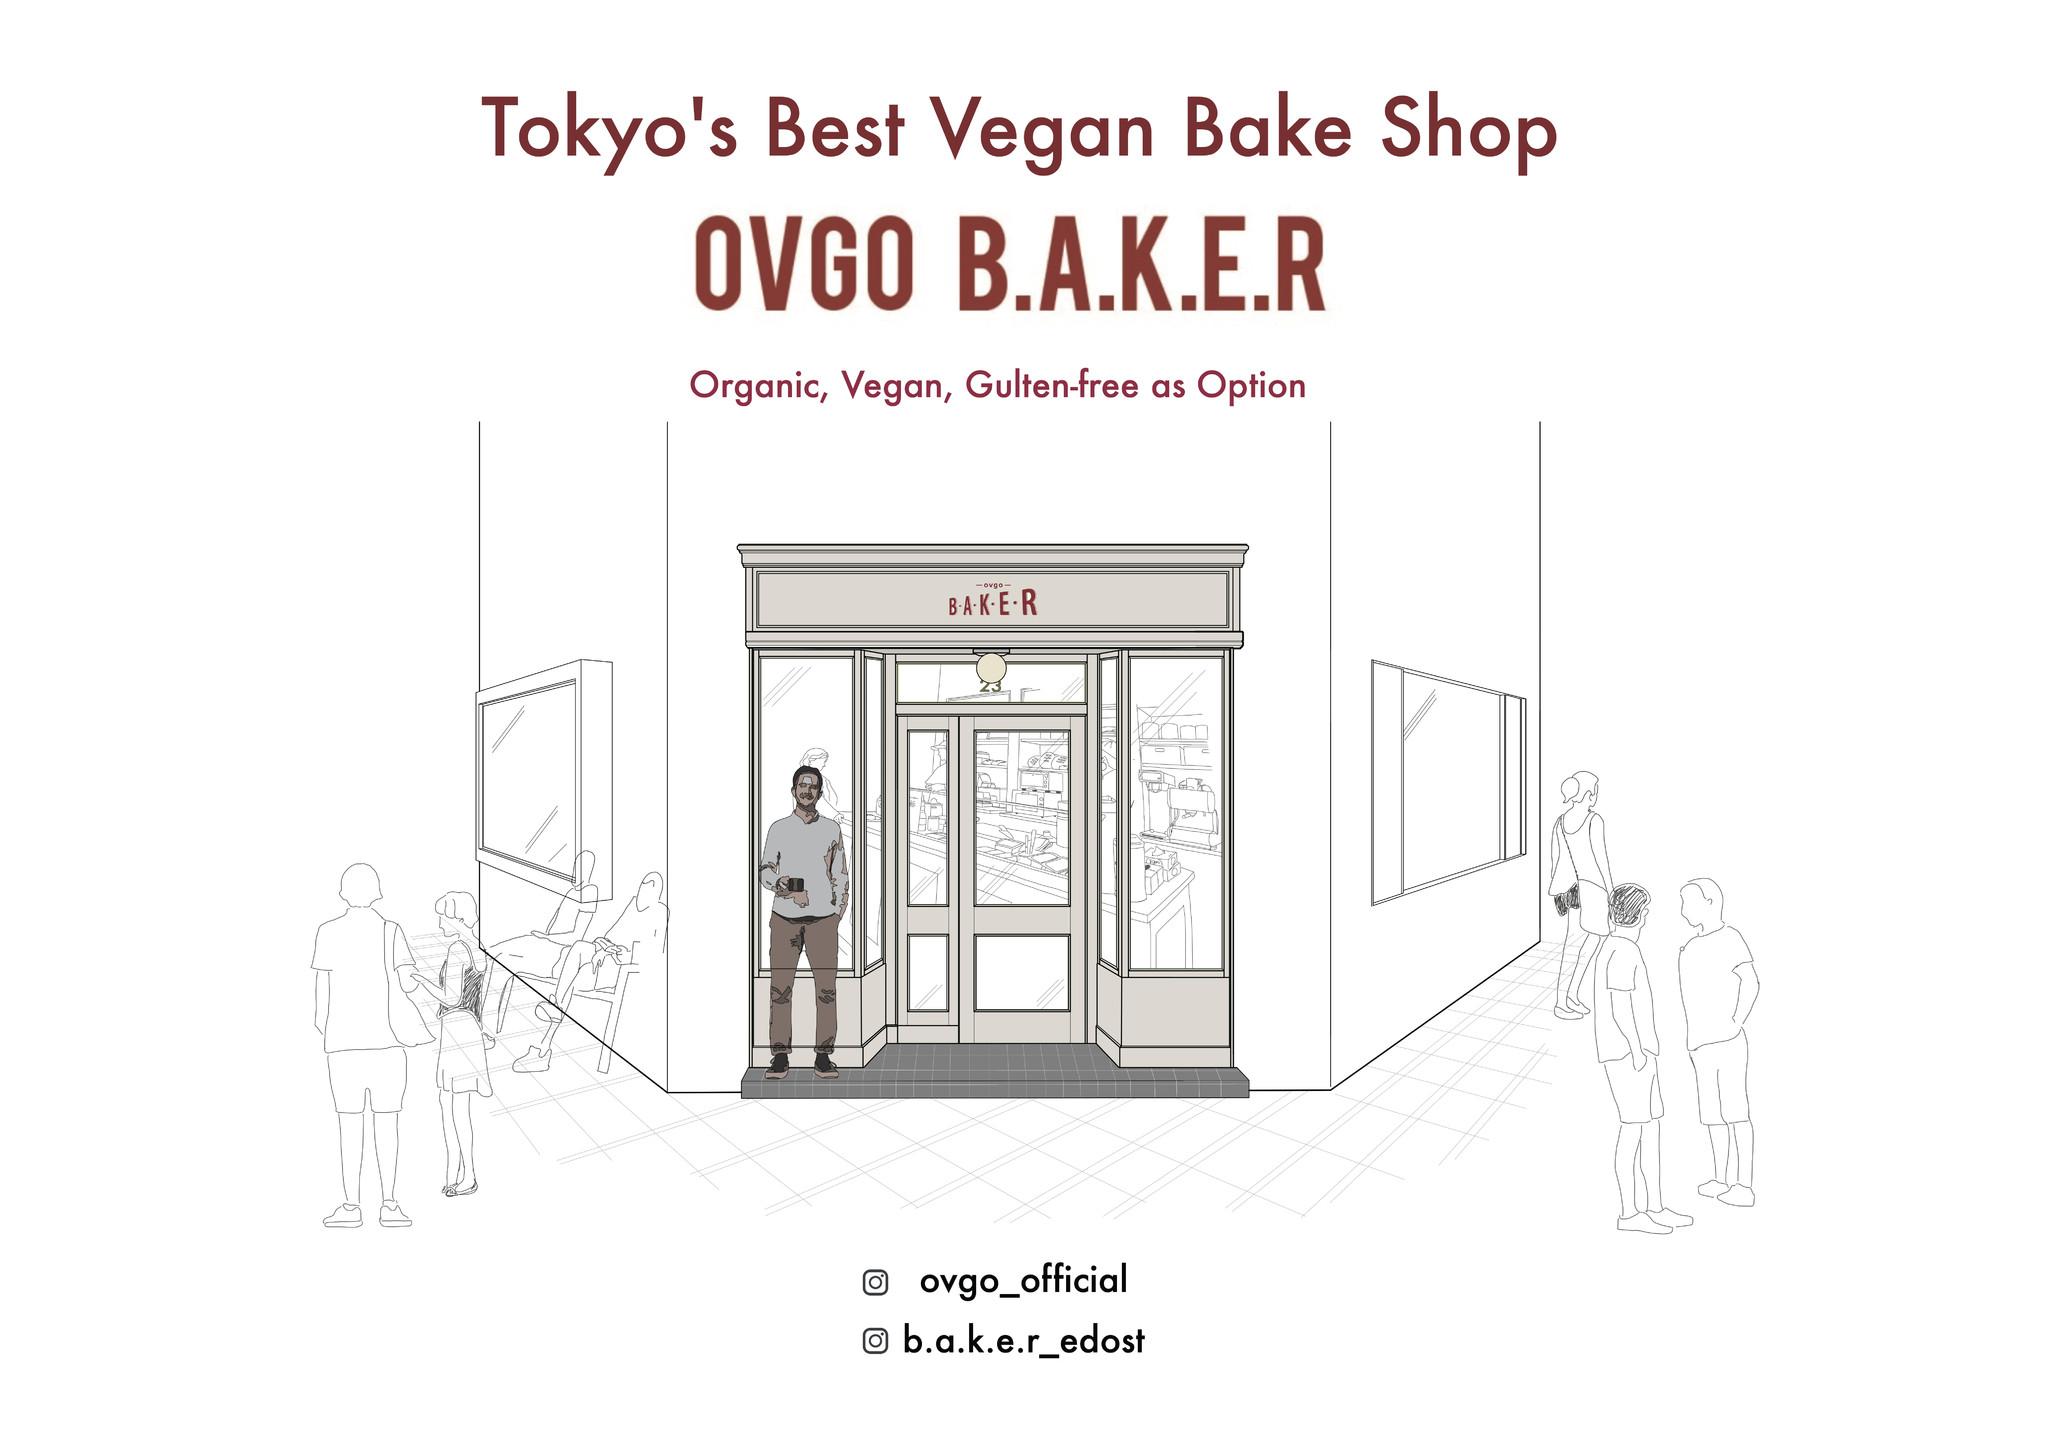 アメリカンヴィーガンベイクショップovgo B.A.K.E.Rが初の路面店『ovgo B.A.K.E.R Edo St.店』を東京・日本...